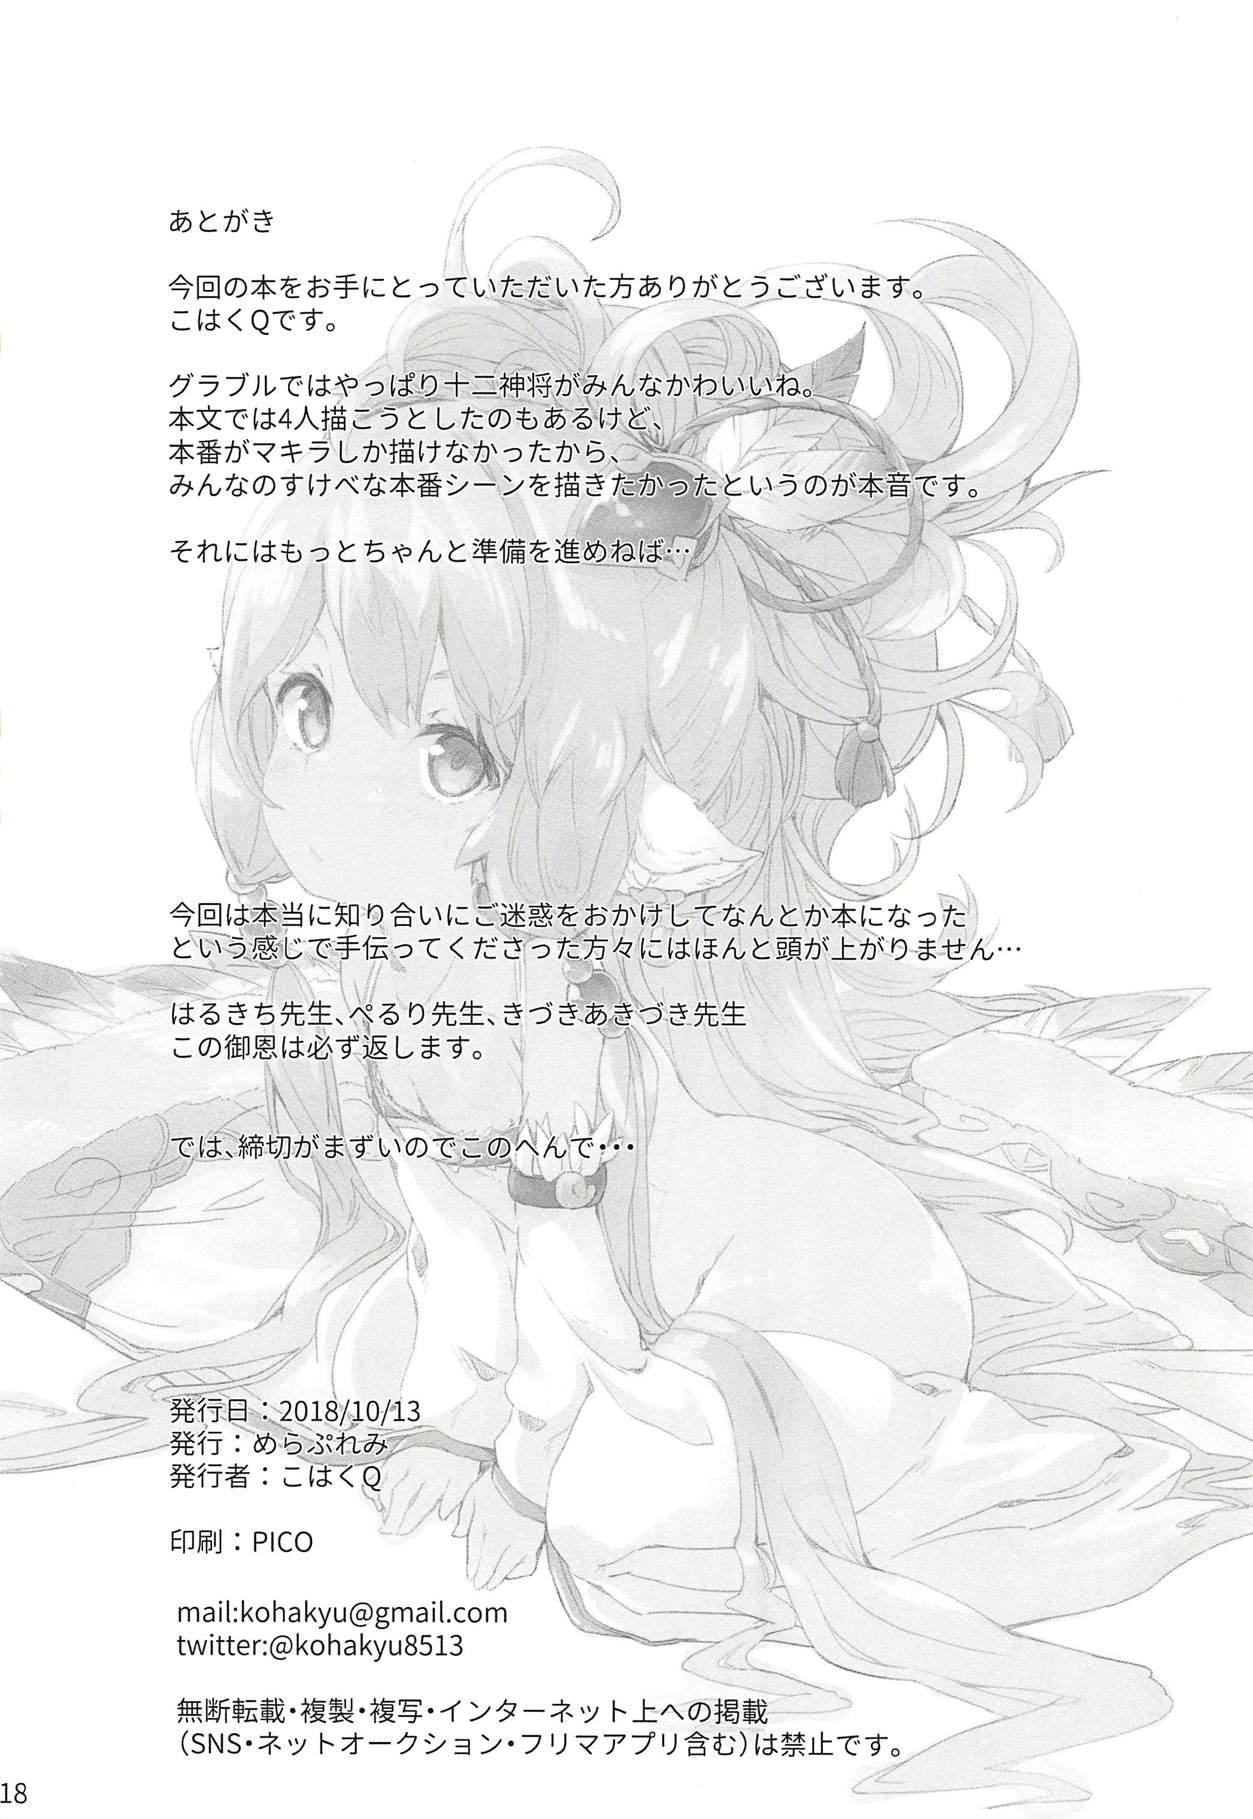 4/12 Shinshou 15